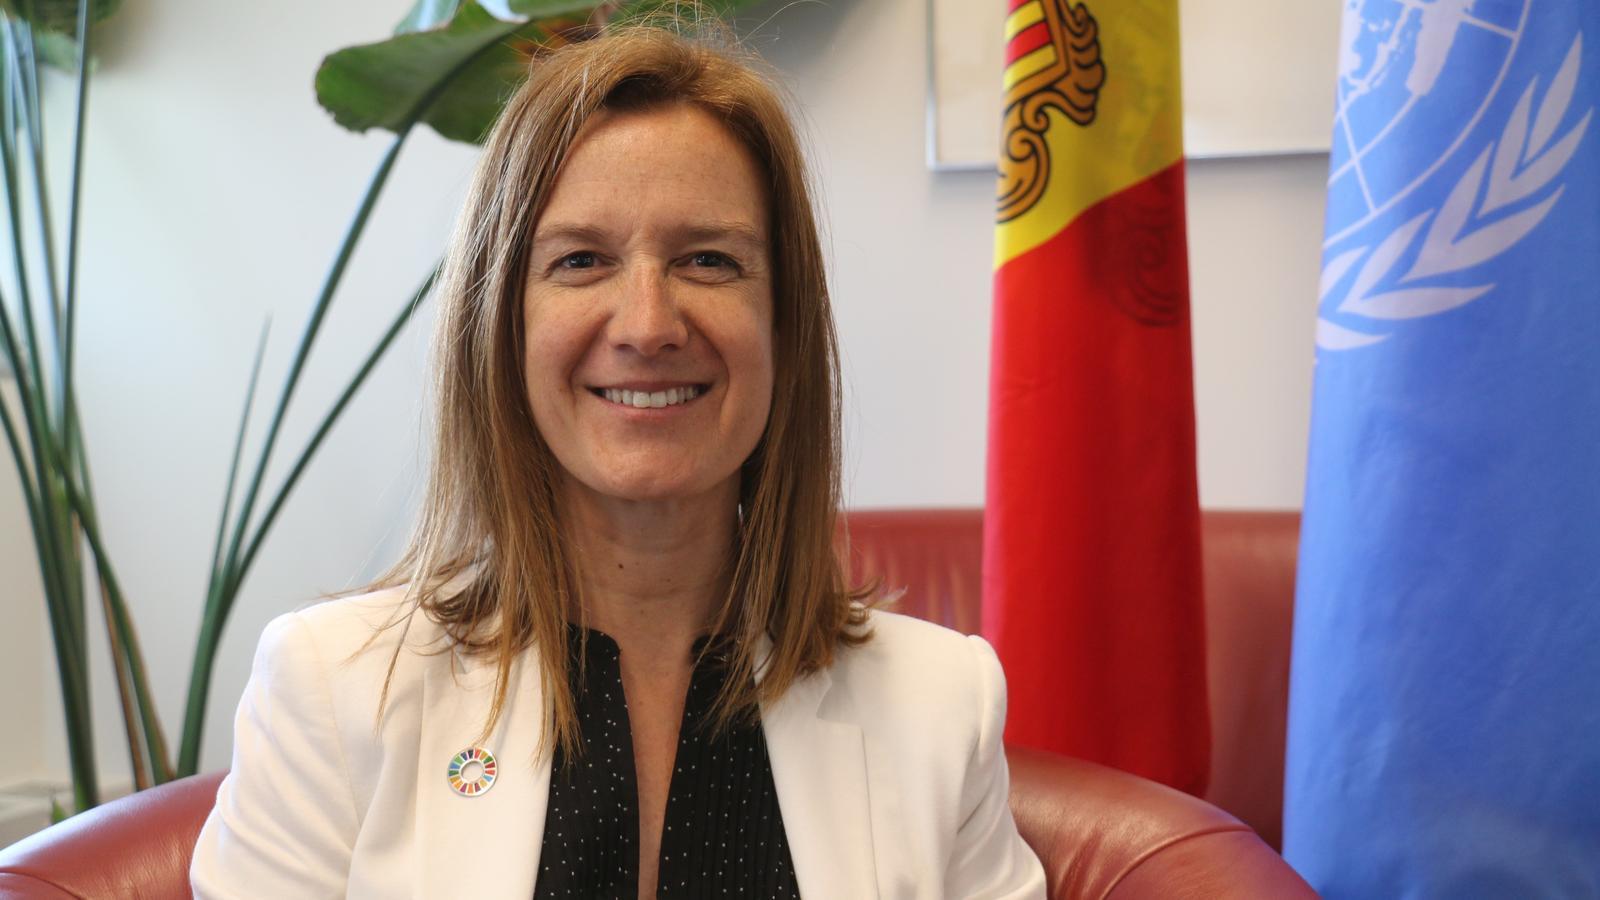 La ministra de Medi Ambient, Sílvia Calvó, a Nova York / S.C.